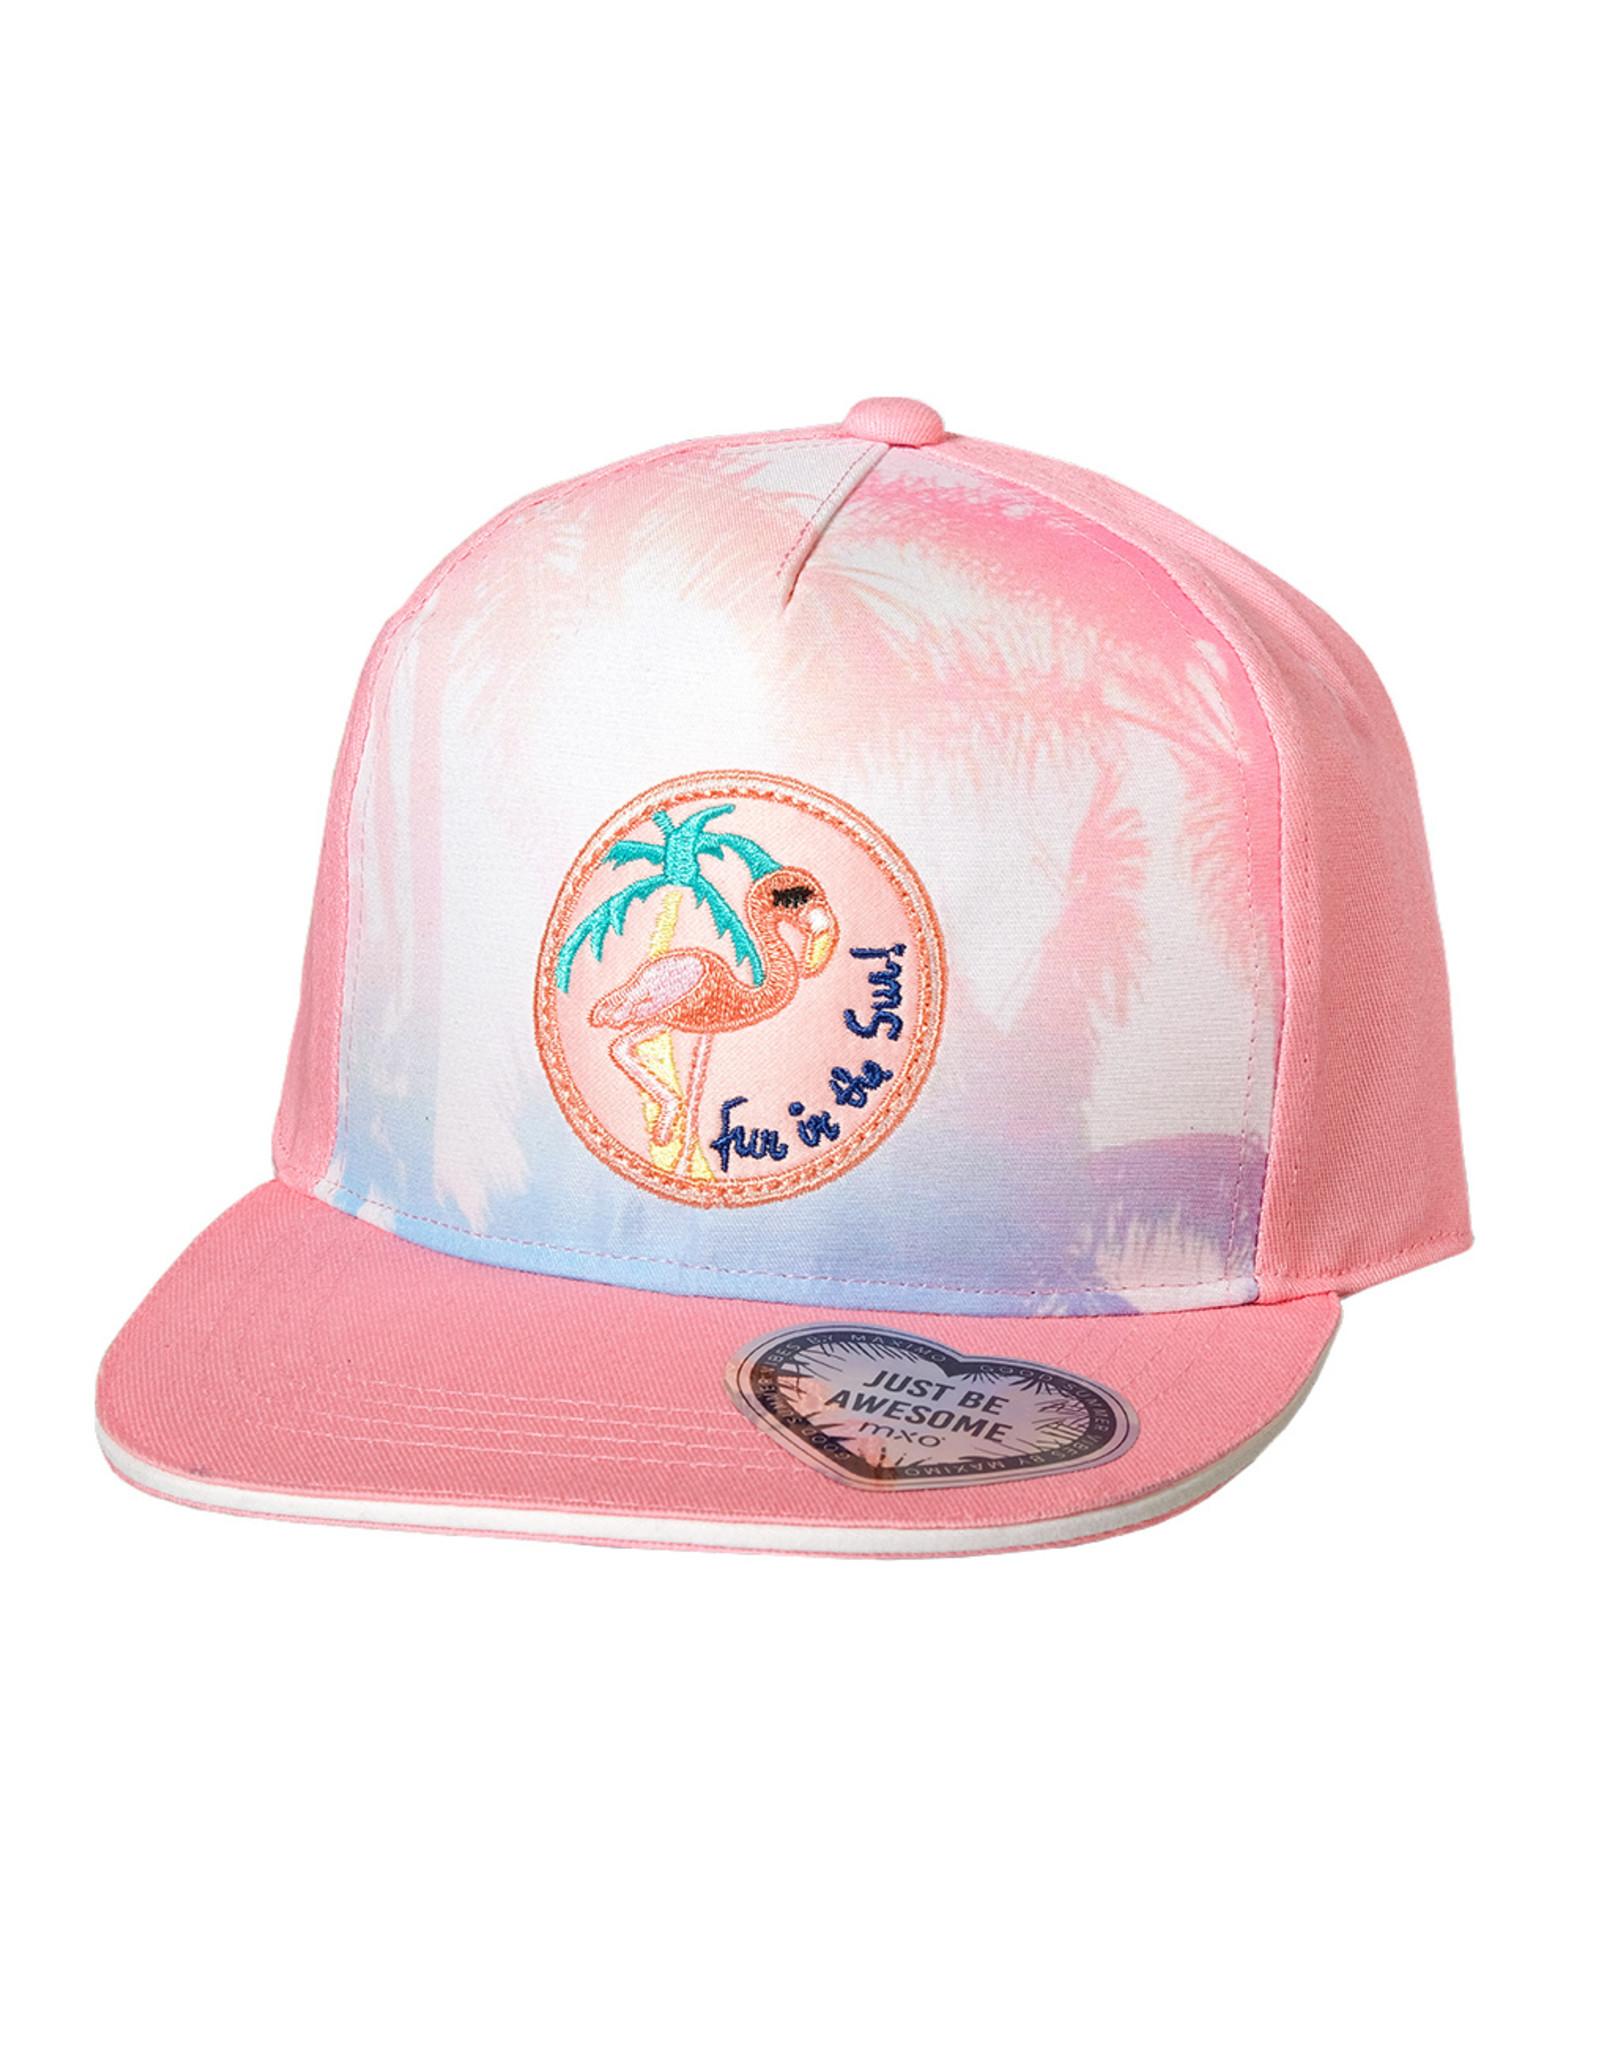 Maximo Maximo KIDS GIRL Cap L.A. flamingo